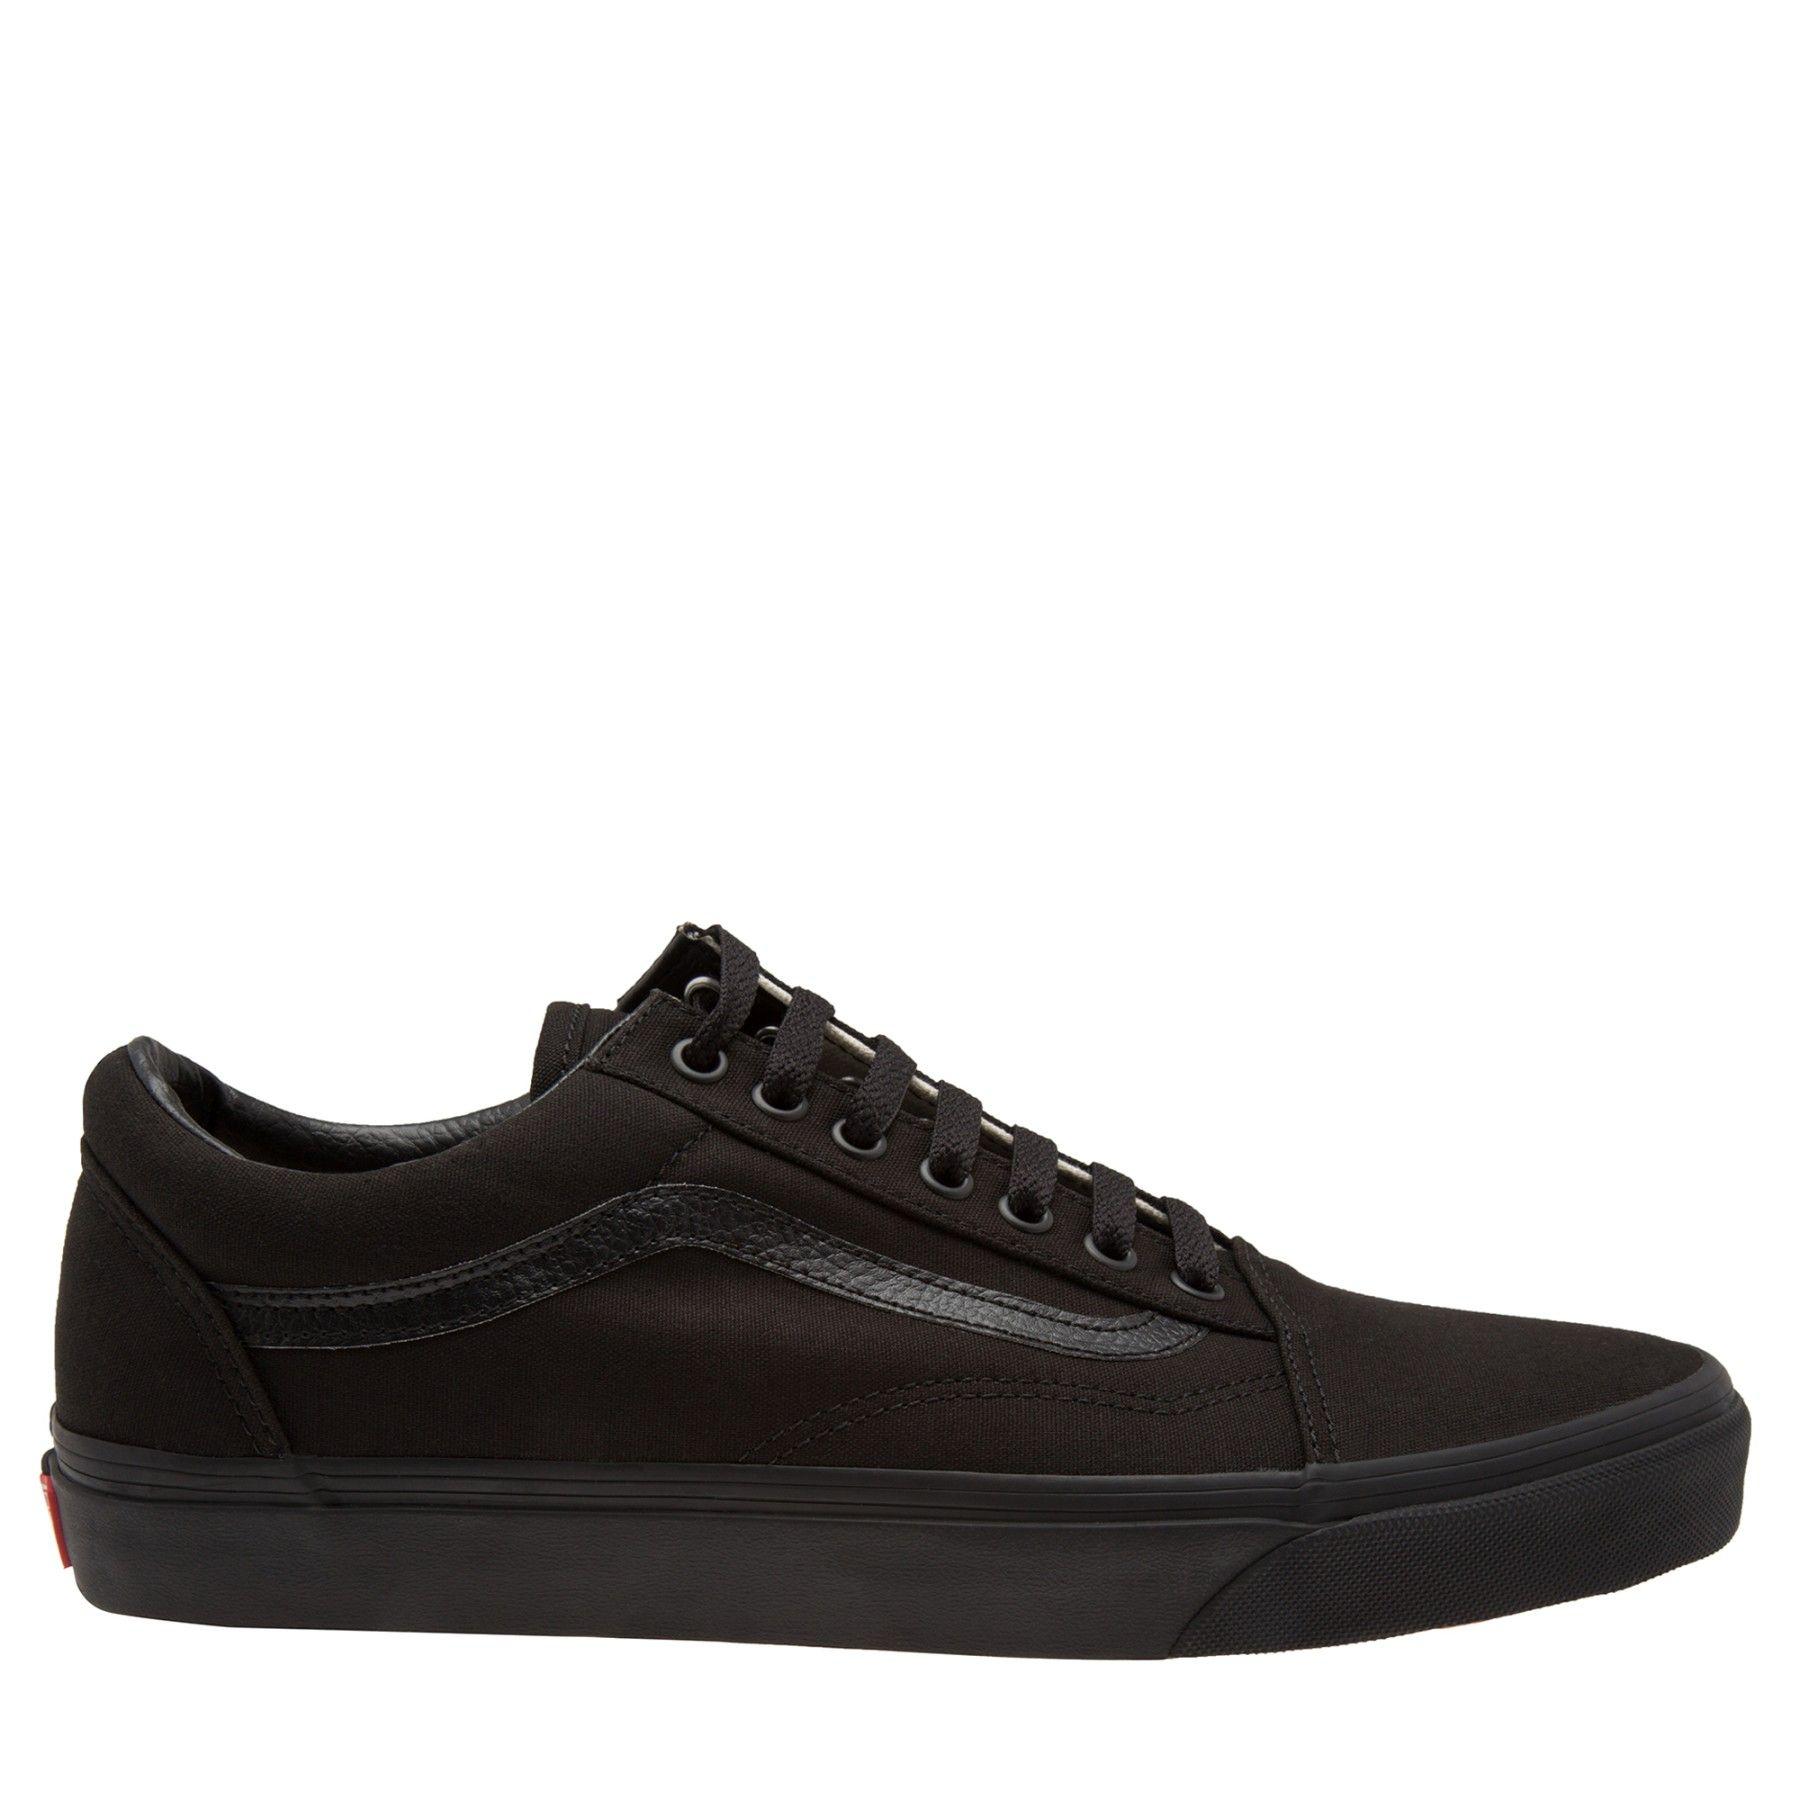 Vans Old Skool sneakers for Men - Black